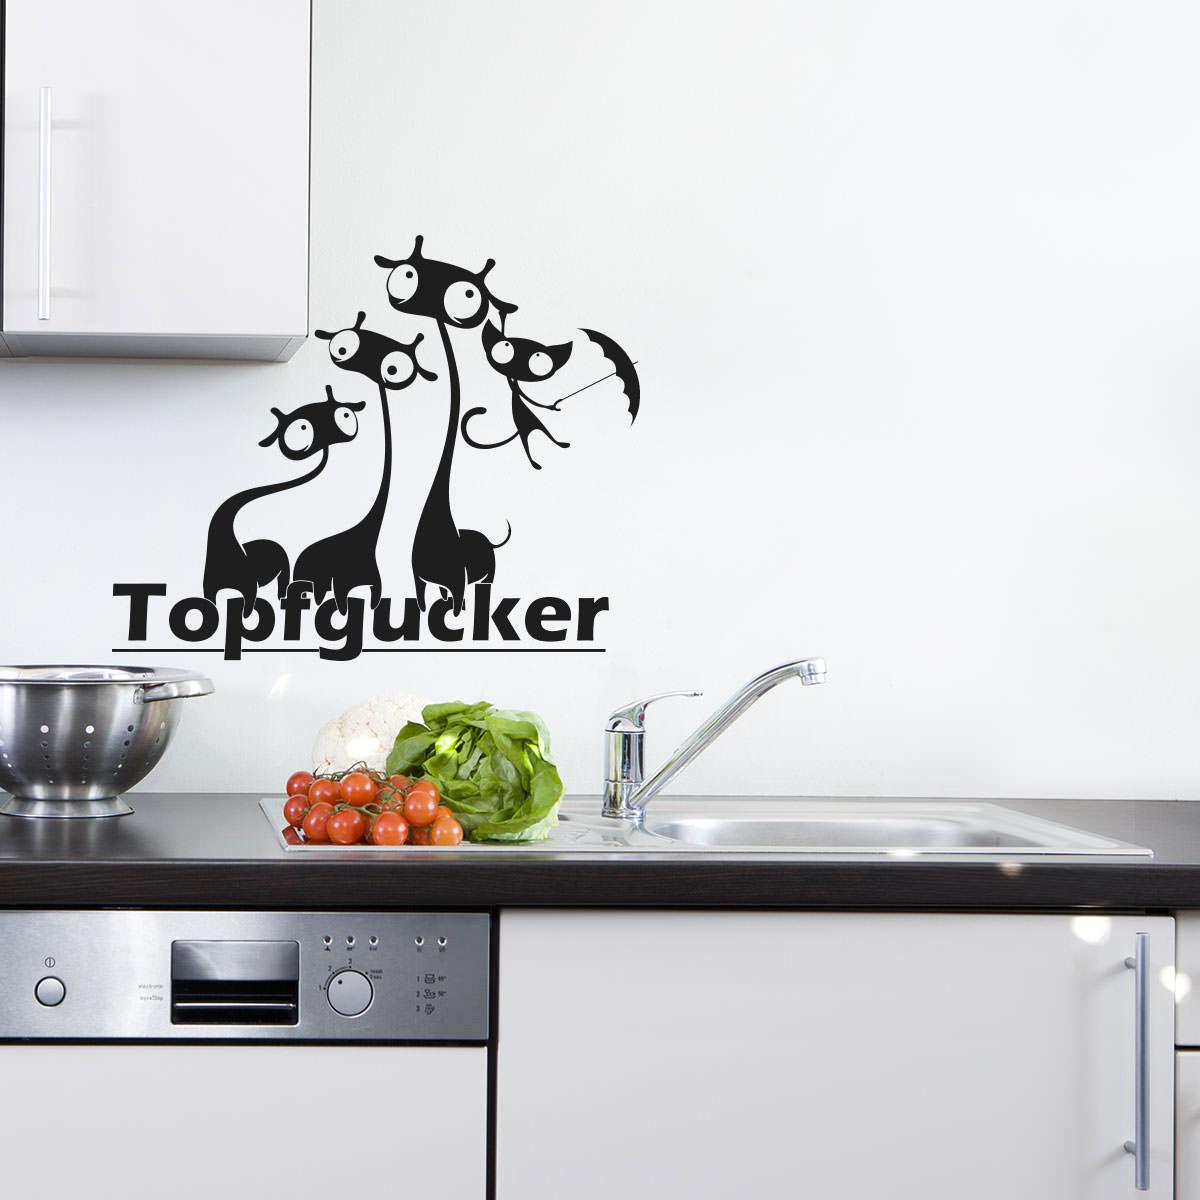 Full Size of Arbeitstisch Küche Single Landhausstil Arbeitsplatten Wandtattoos Bad Inselküche Sitzbank Mit Geräten Vorhänge Vinylboden Küche Wandtattoo Küche